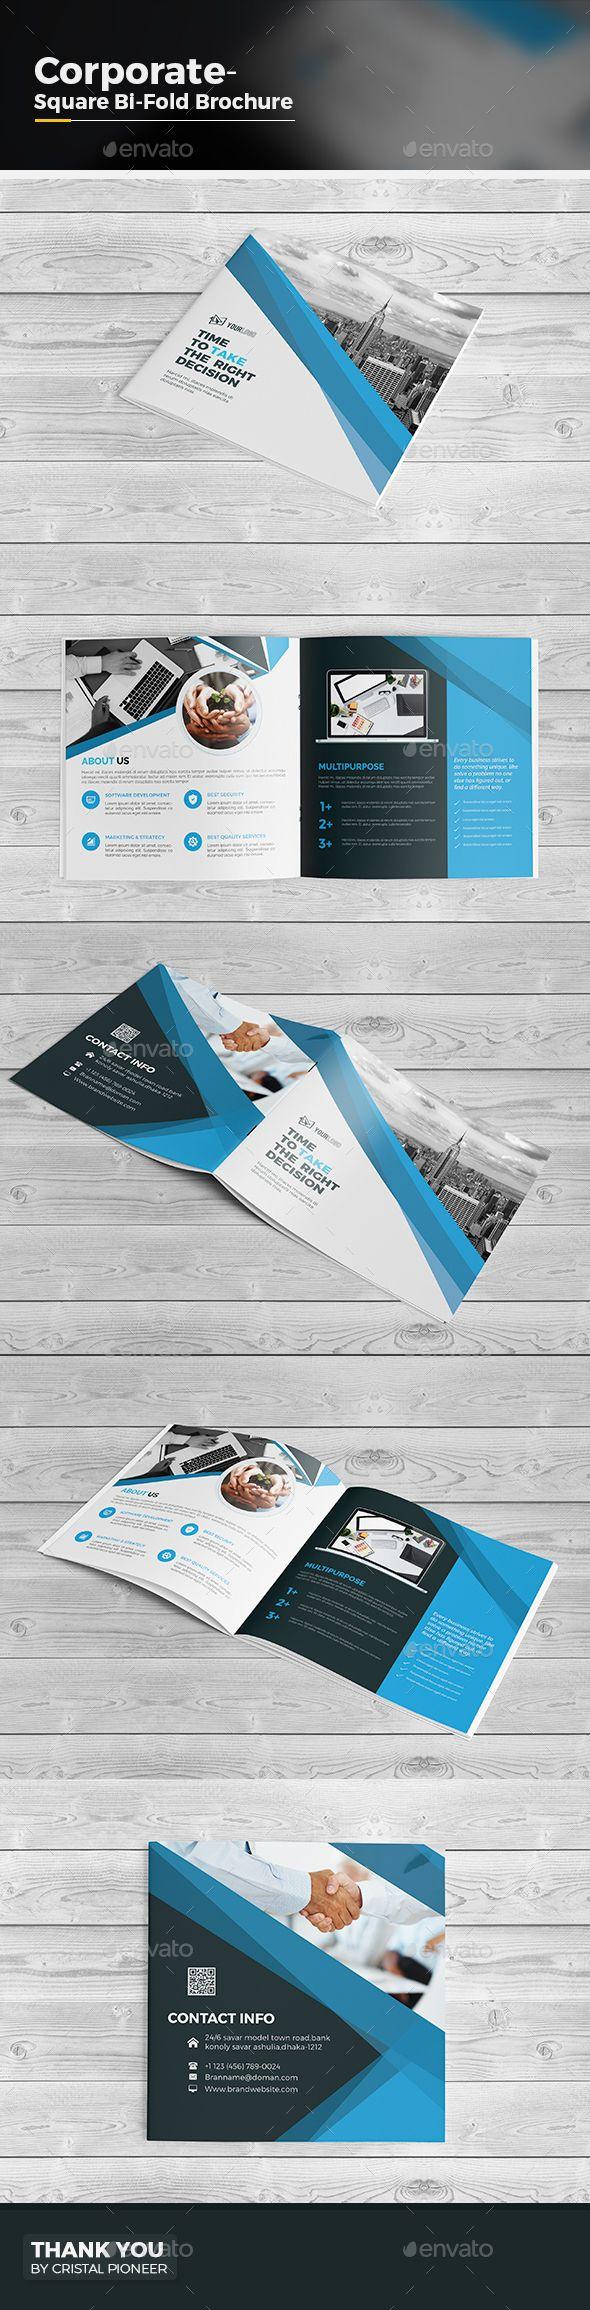 25 best ideas about bi fold brochure on pinterest